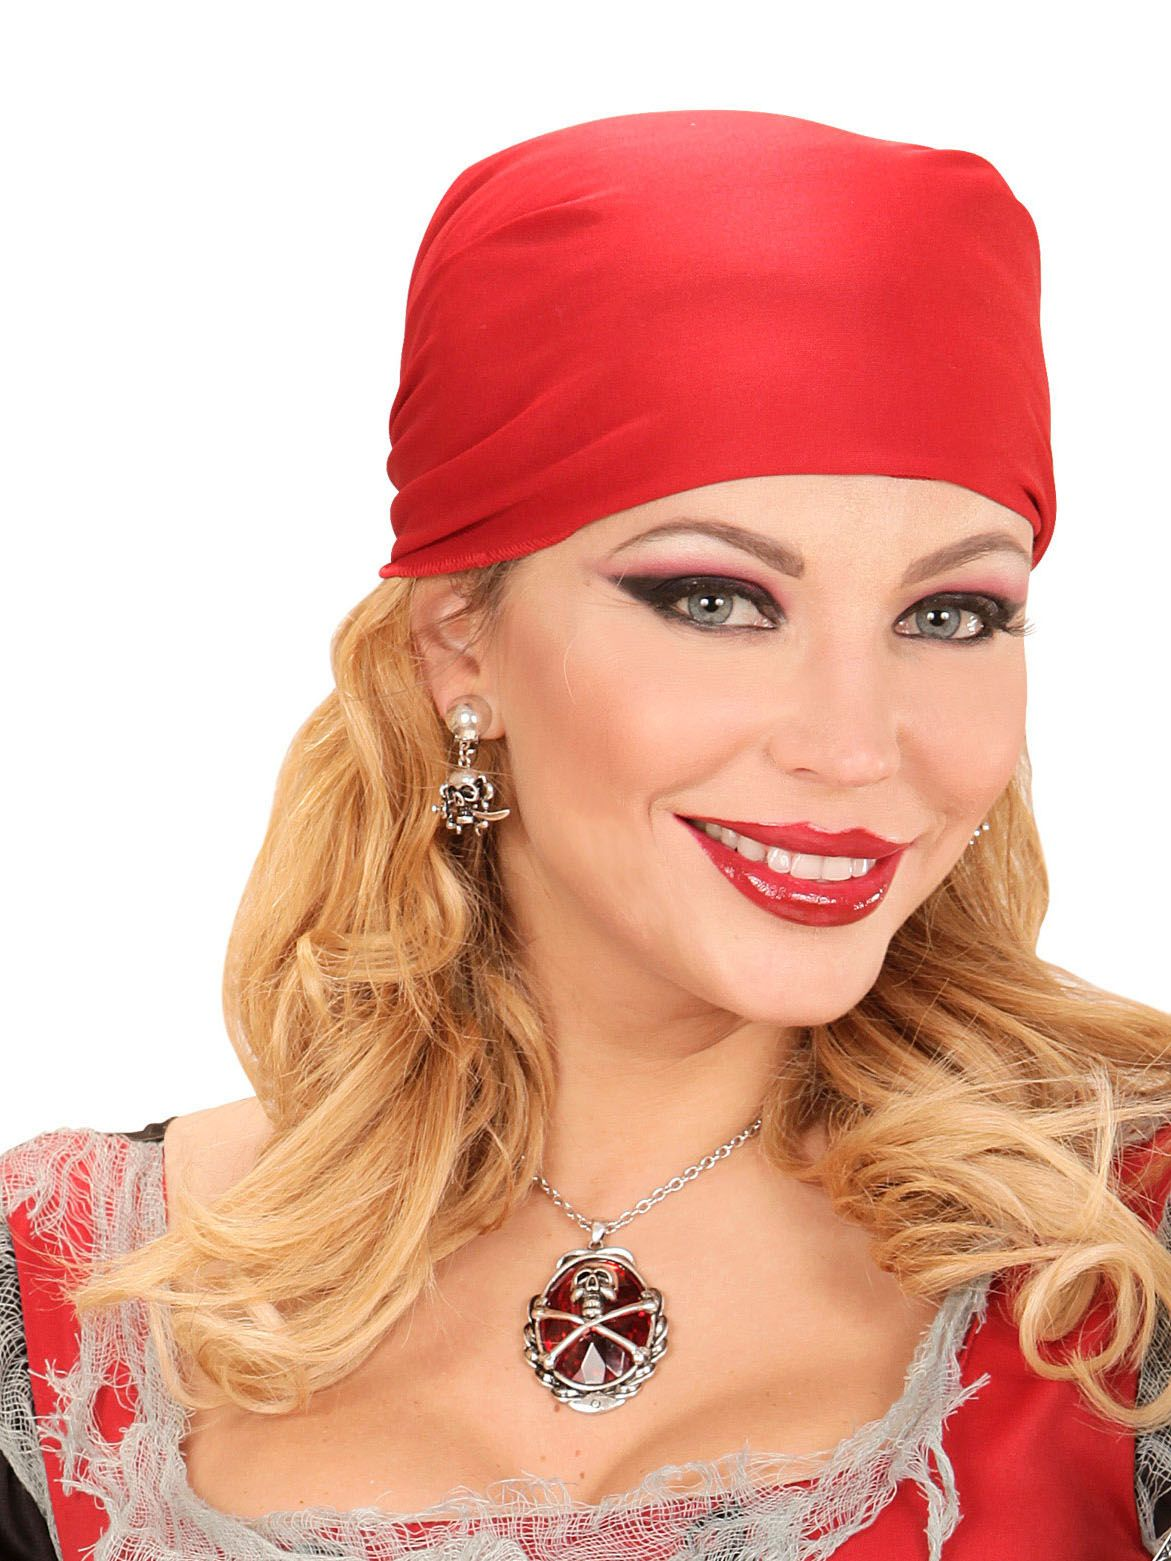 Colar pedra vermelha pirata mulher  Este colar metálico de pirata é para  adulto. Ele 6f7cce30d2b